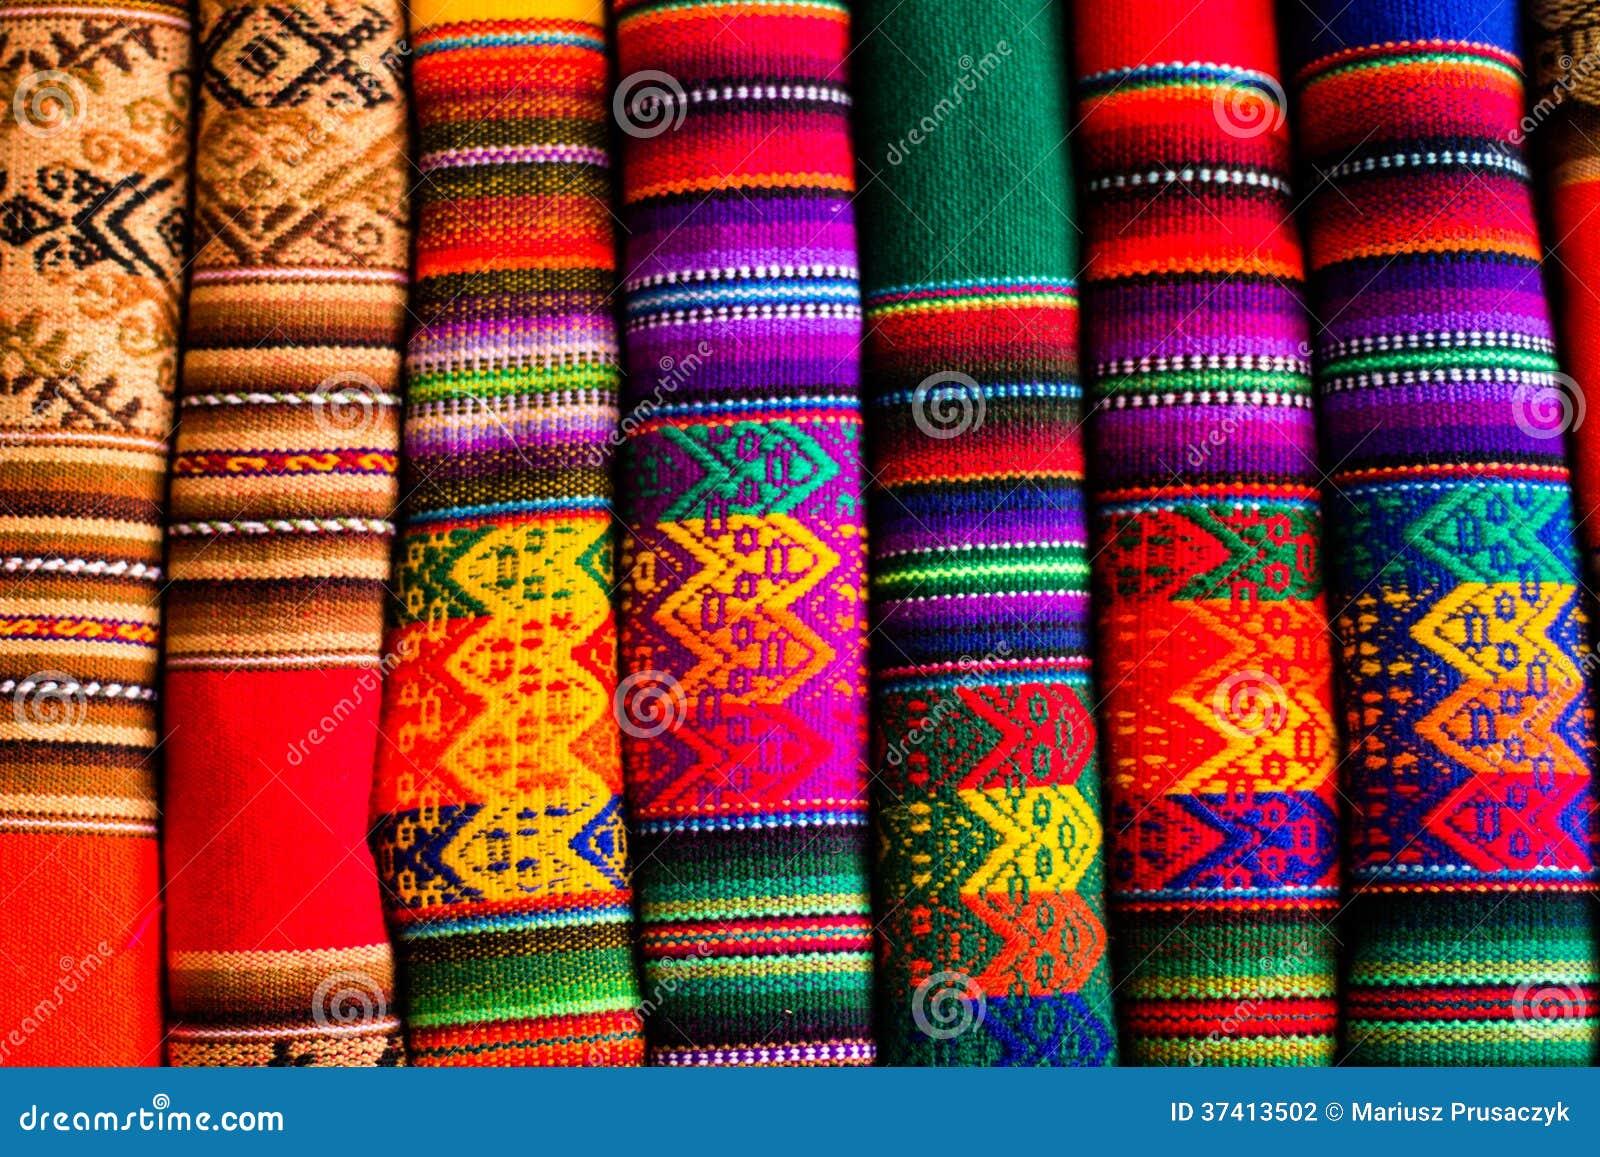 Tissu coloré au marché au Pérou, Amérique du Sud